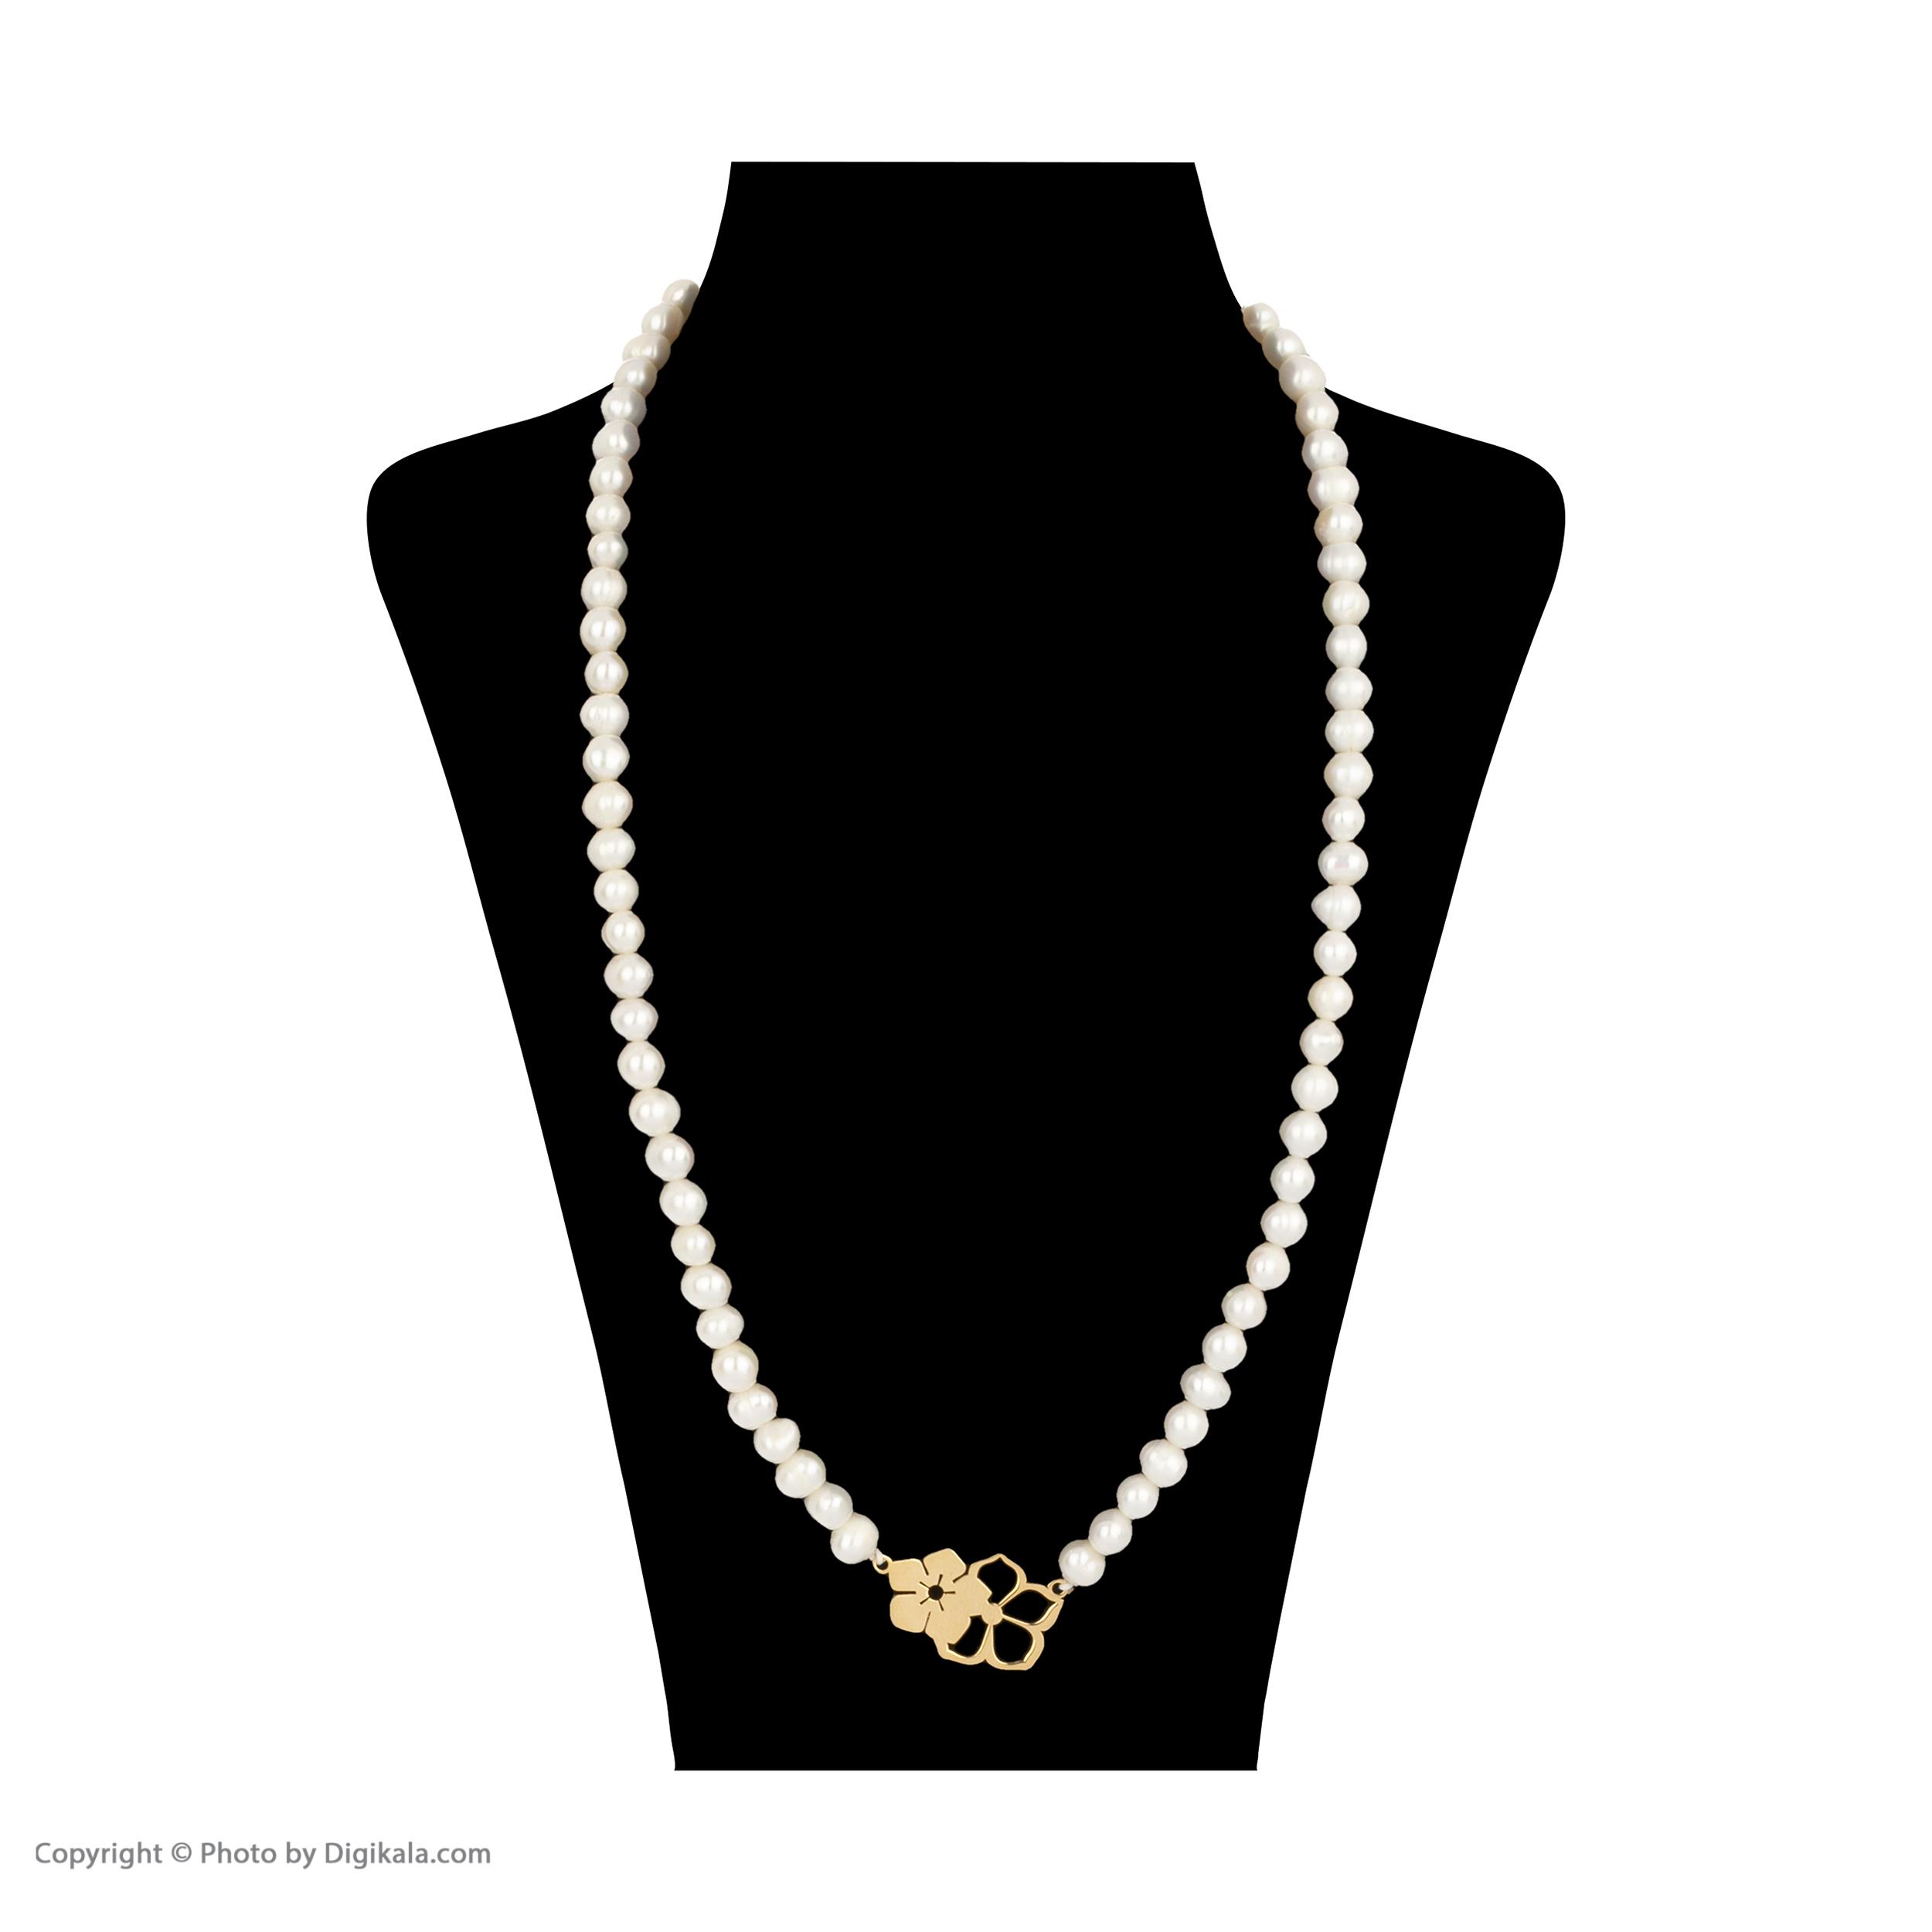 گردنبند طلا 18 عیار زنانه میو گلد مدل GD621 -  - 3